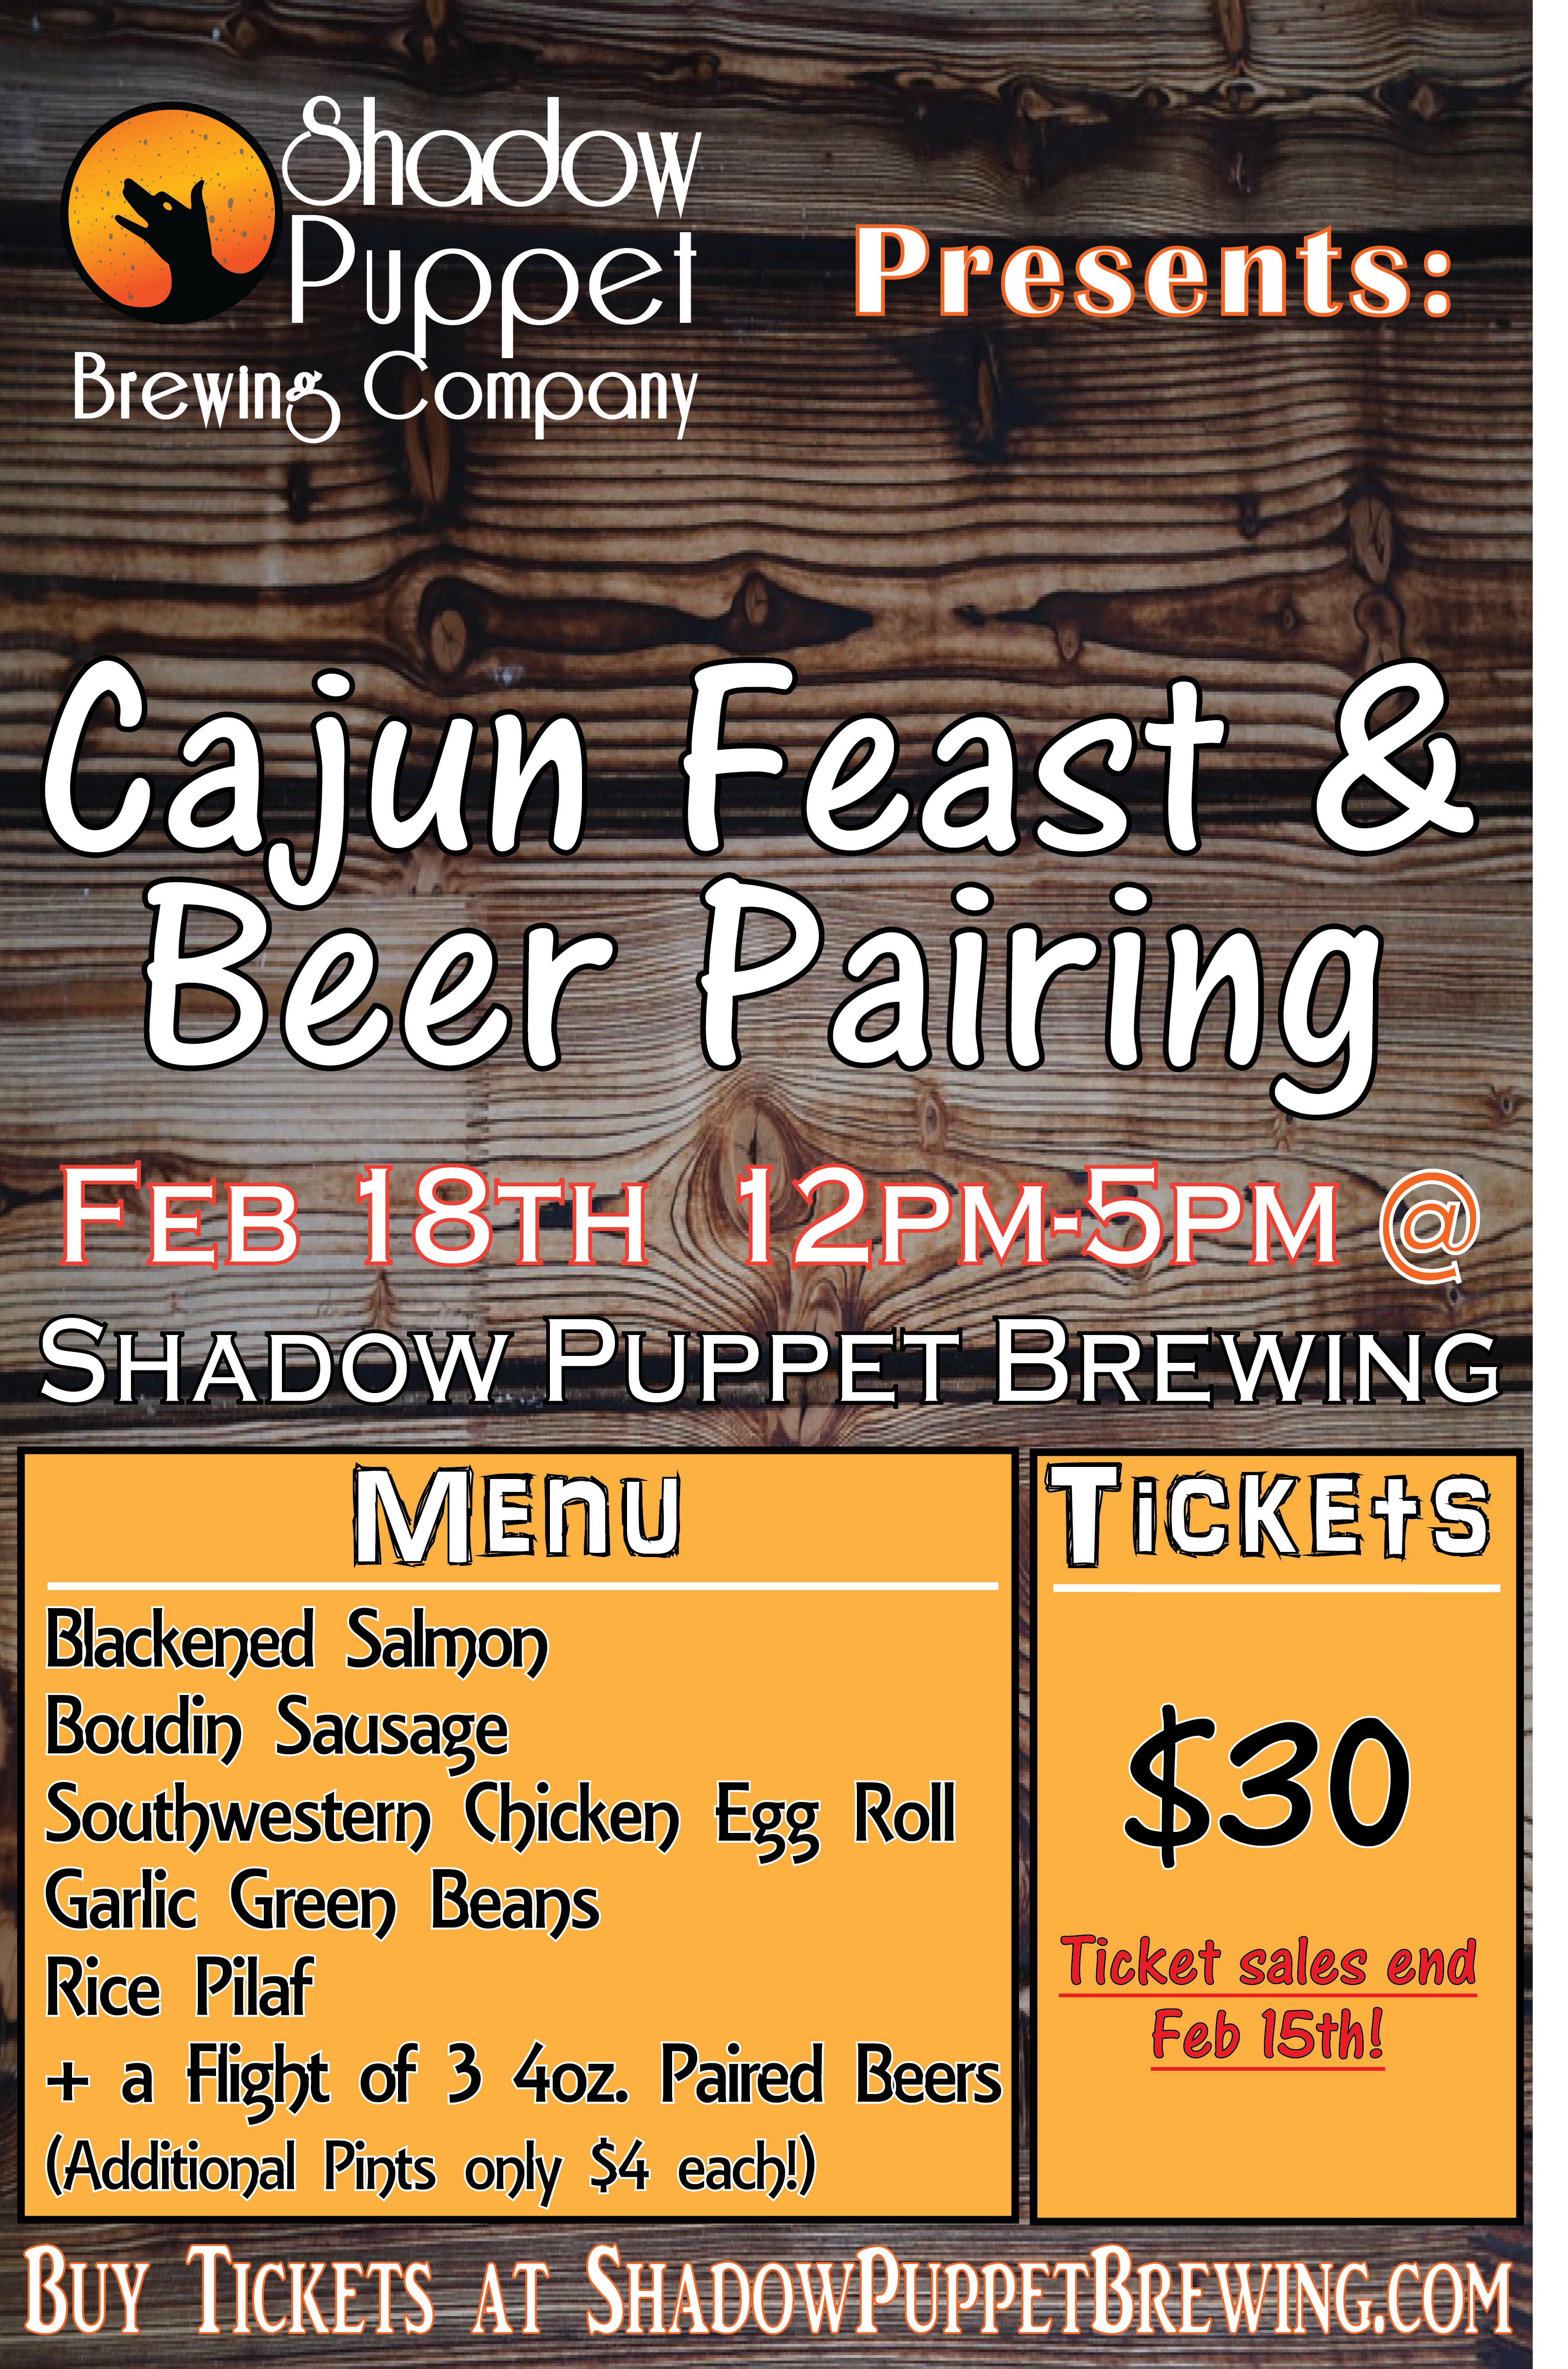 Cajun Feast & Beer Pairing